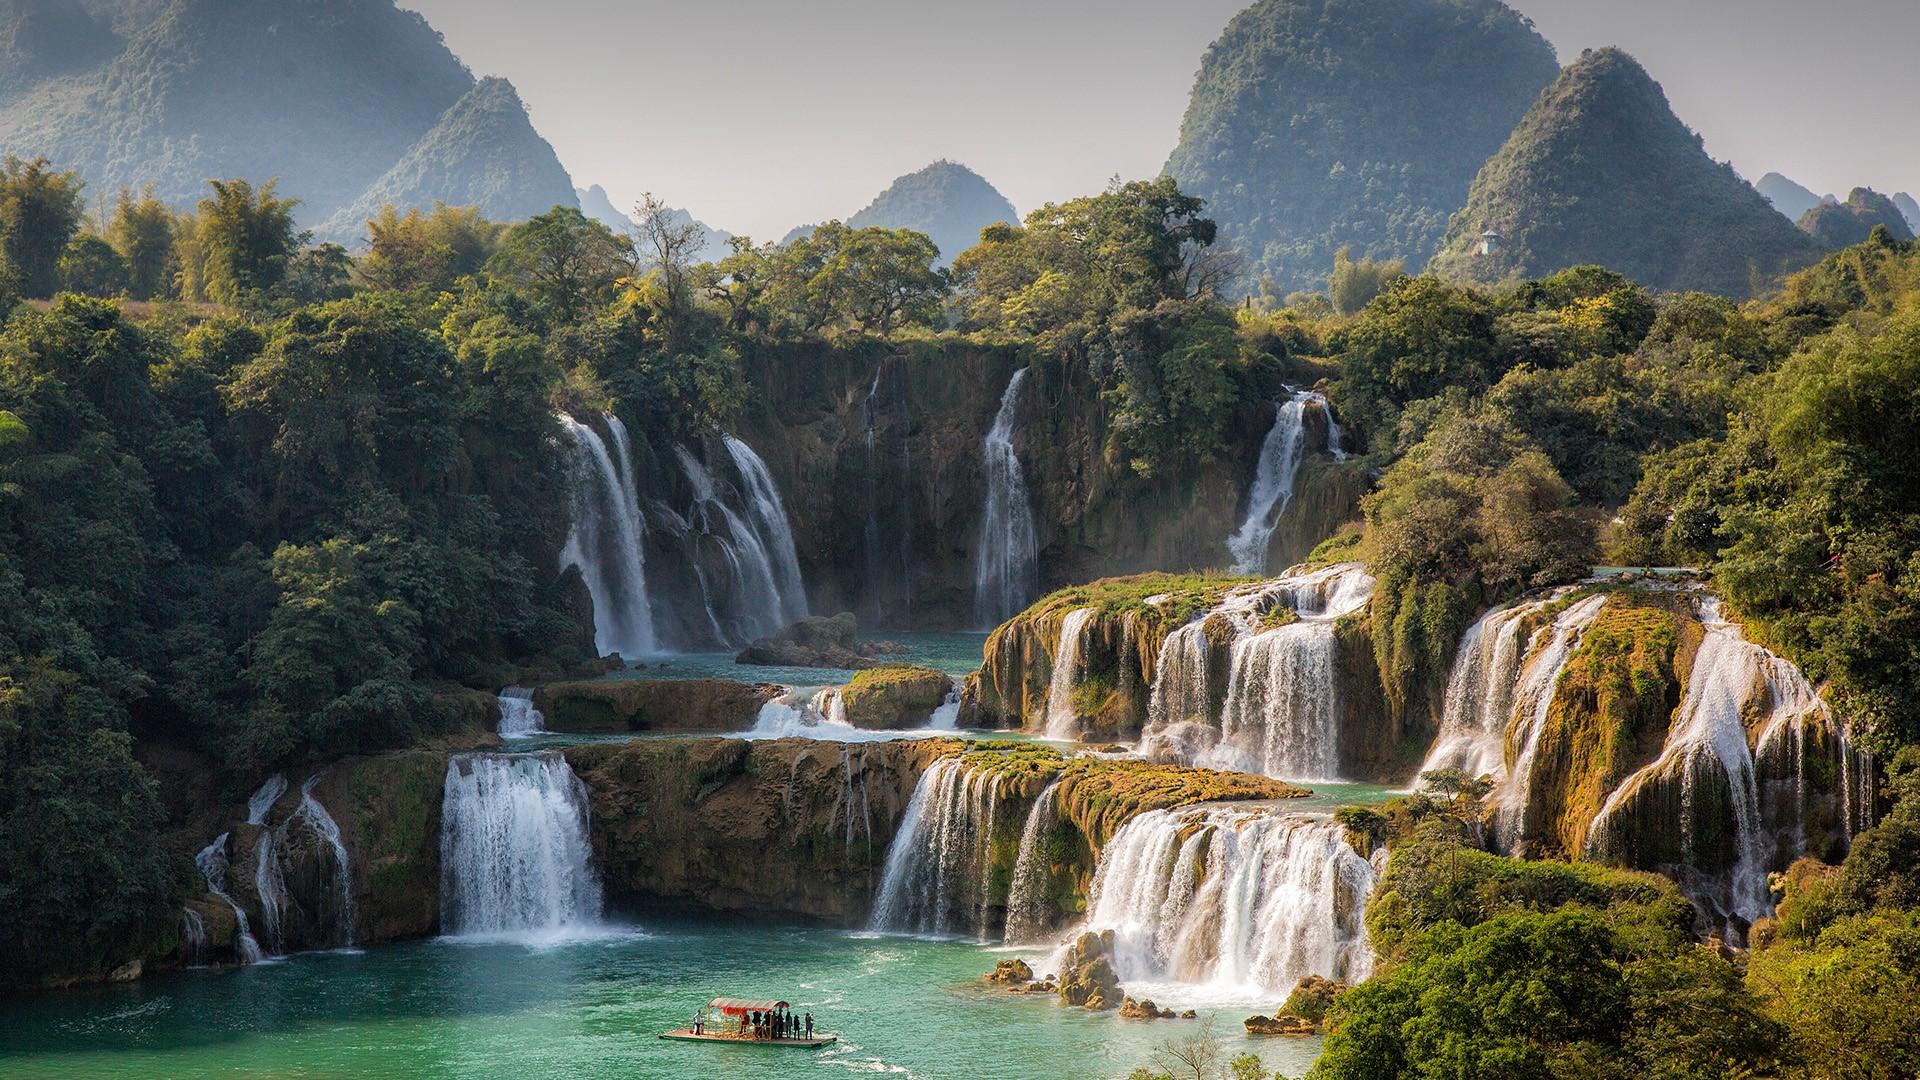 Ban Gioc - Detian Falls on Quây Sơn River between Vietnam and ...